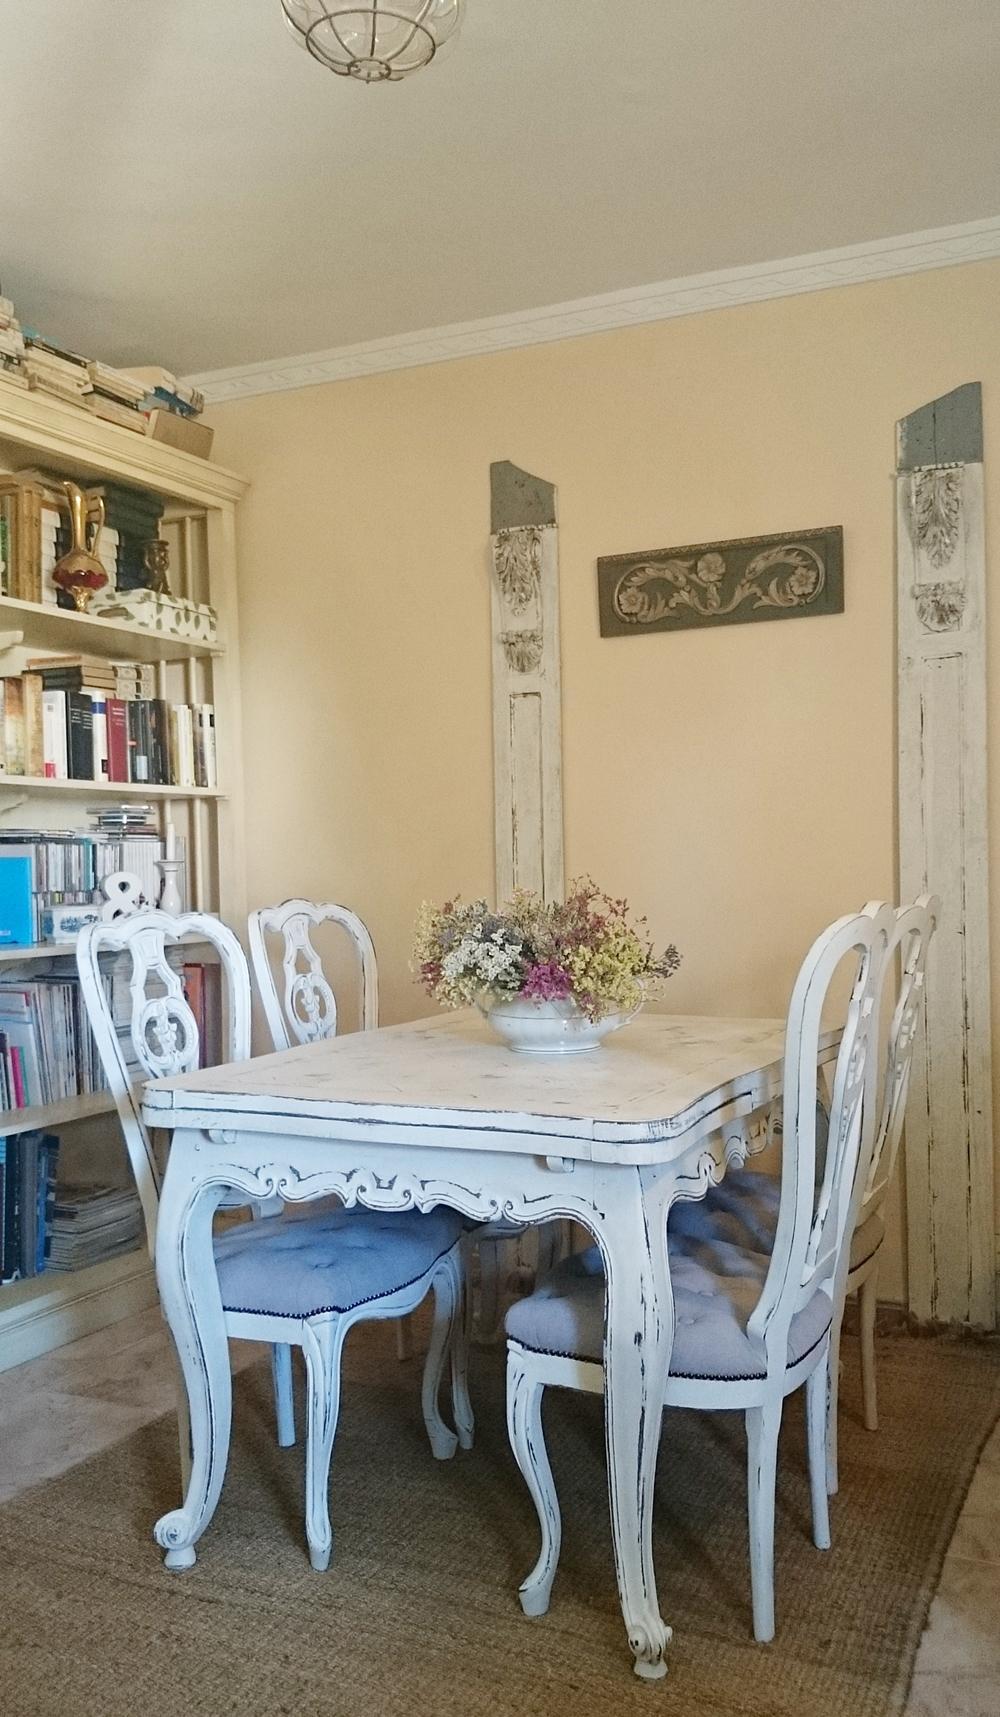 Mesa estilo luis xv francesa decapada en blanco viejo for Mesas puestas con estilo